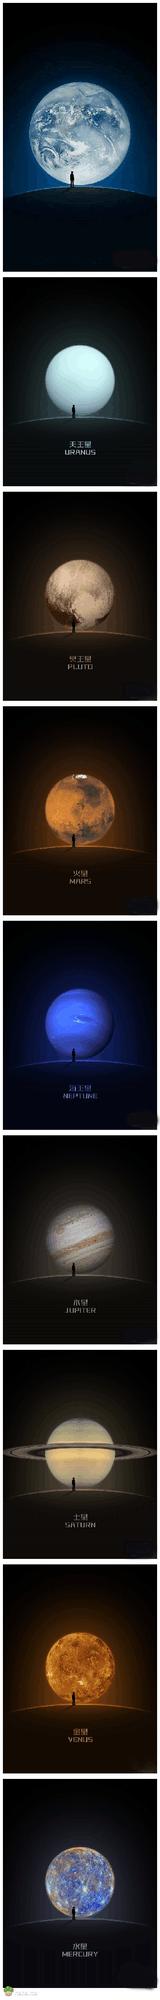 如果把微信里的地球换成太阳系的其他八大行星!